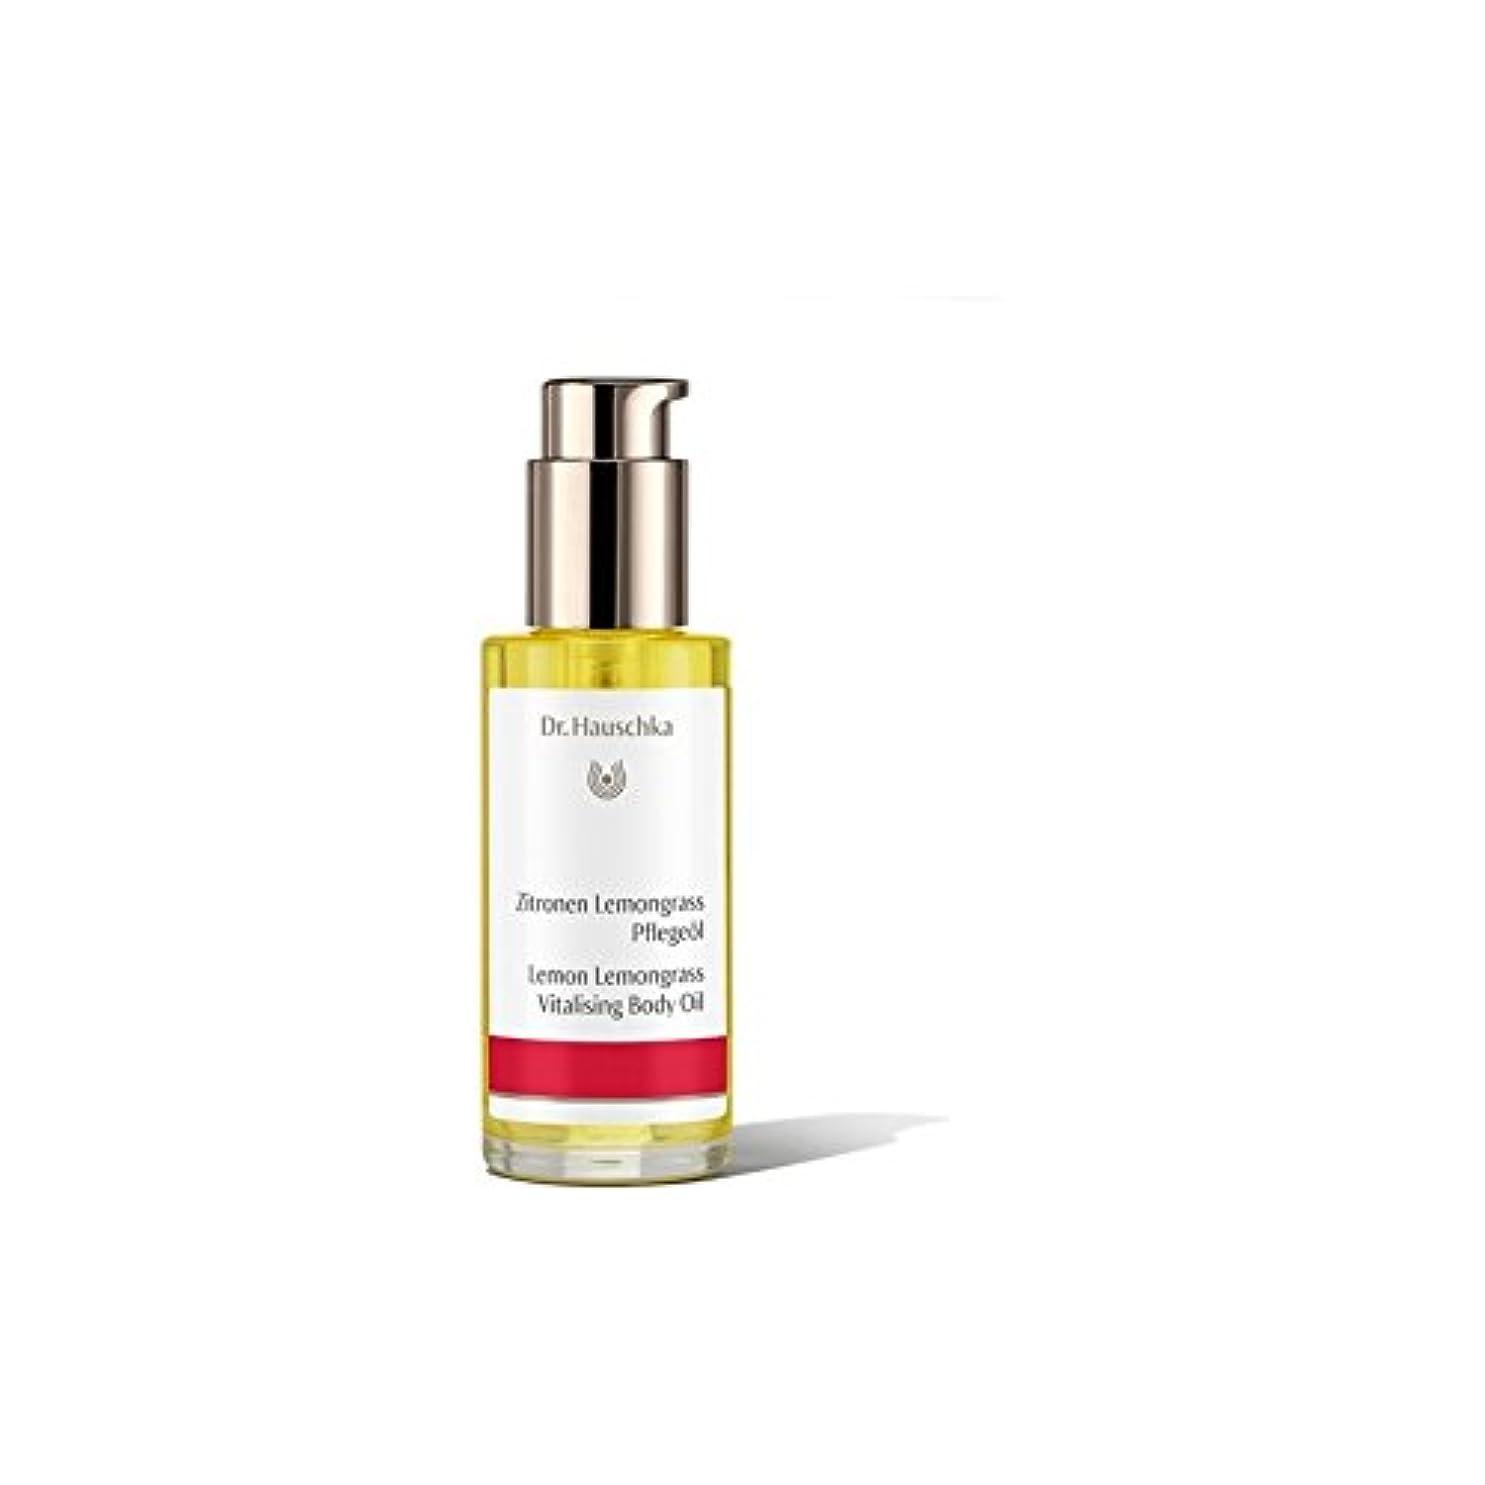 洗剤コックポーズDr. Hauschka Lemon Lemongrass Vitalising Body Oil (75ml) - ハウシュカレモンレモングラスボディオイル(75ミリリットル) [並行輸入品]